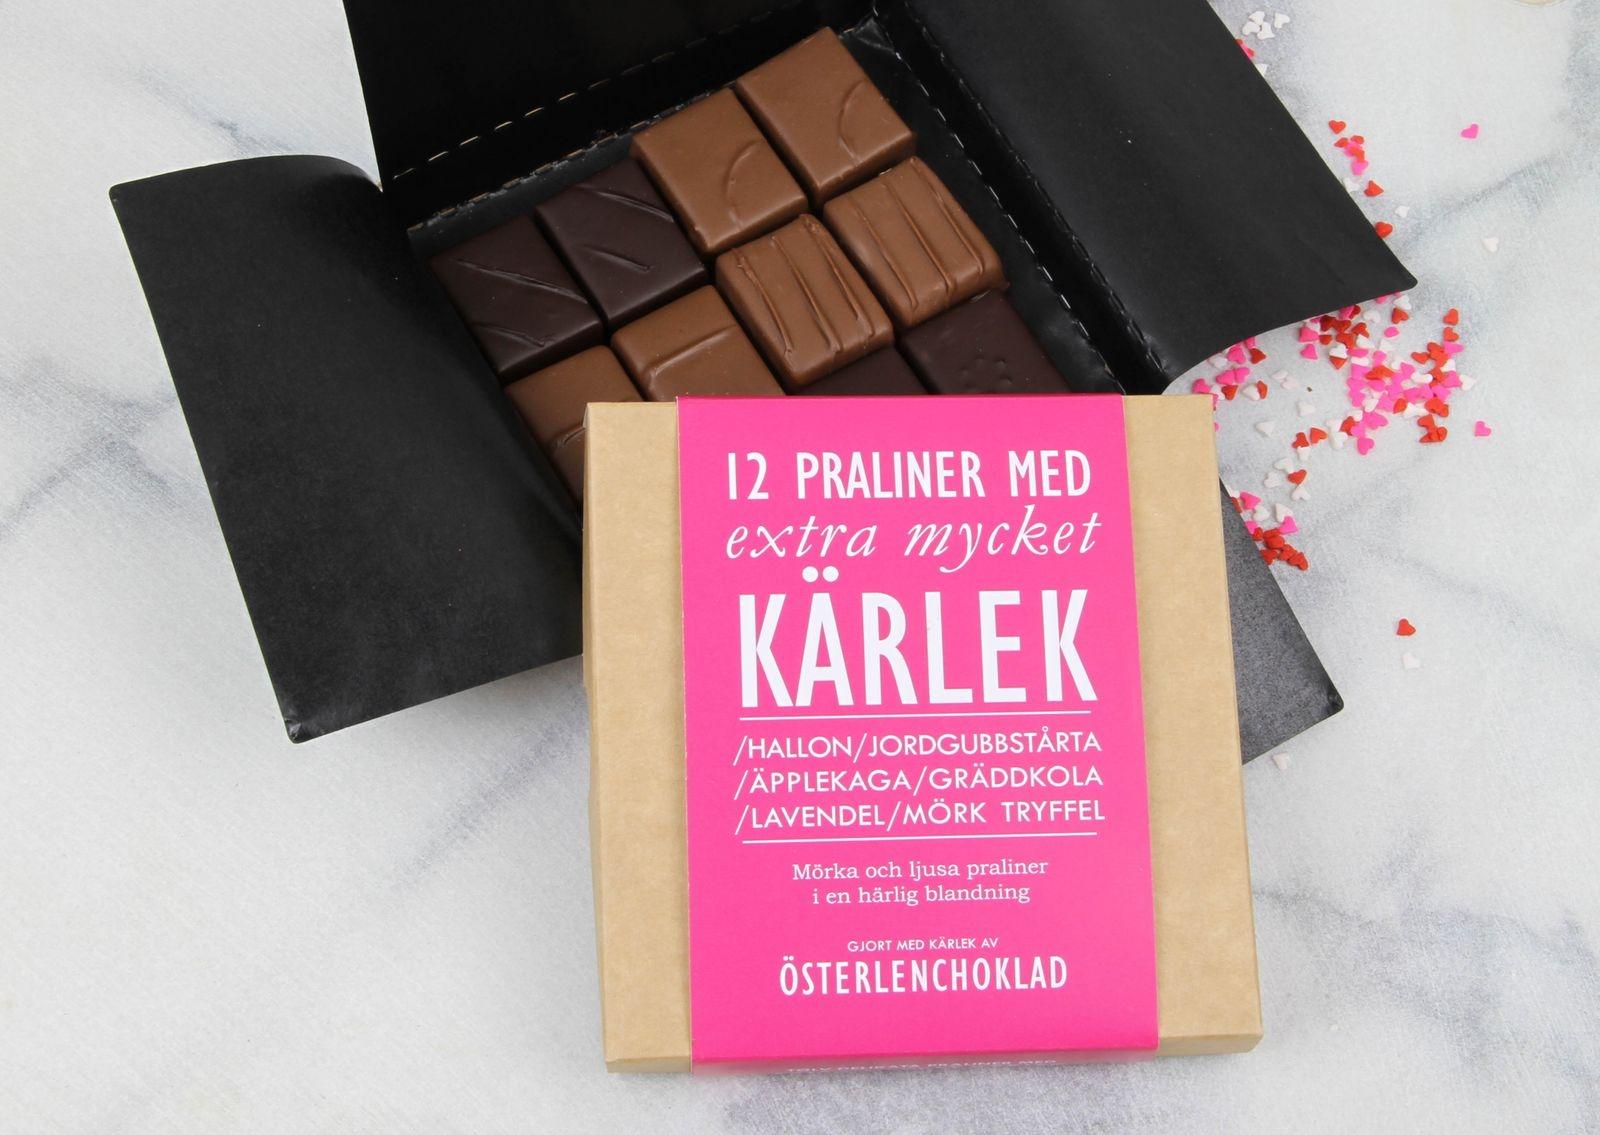 Österlenchoklad erbjuder en pralinask fylld med extra mycket kärlek inför alla hjärtans dag.